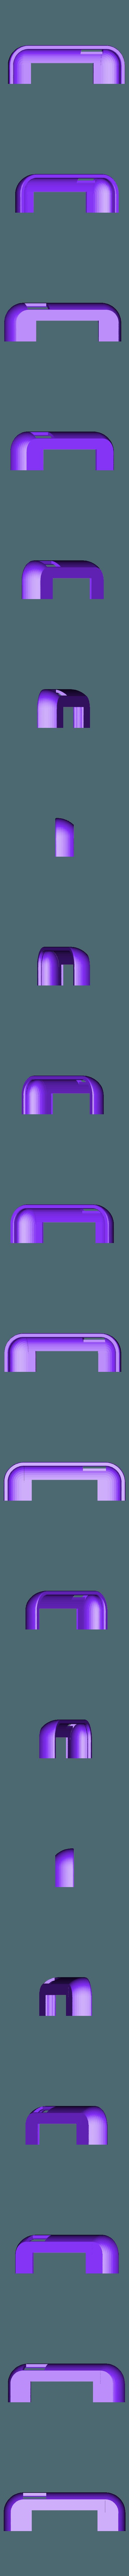 test_cap.stl Télécharger fichier SCAD gratuit Étuis pour iPod 4 Touch • Plan imprimable en 3D, Wachet